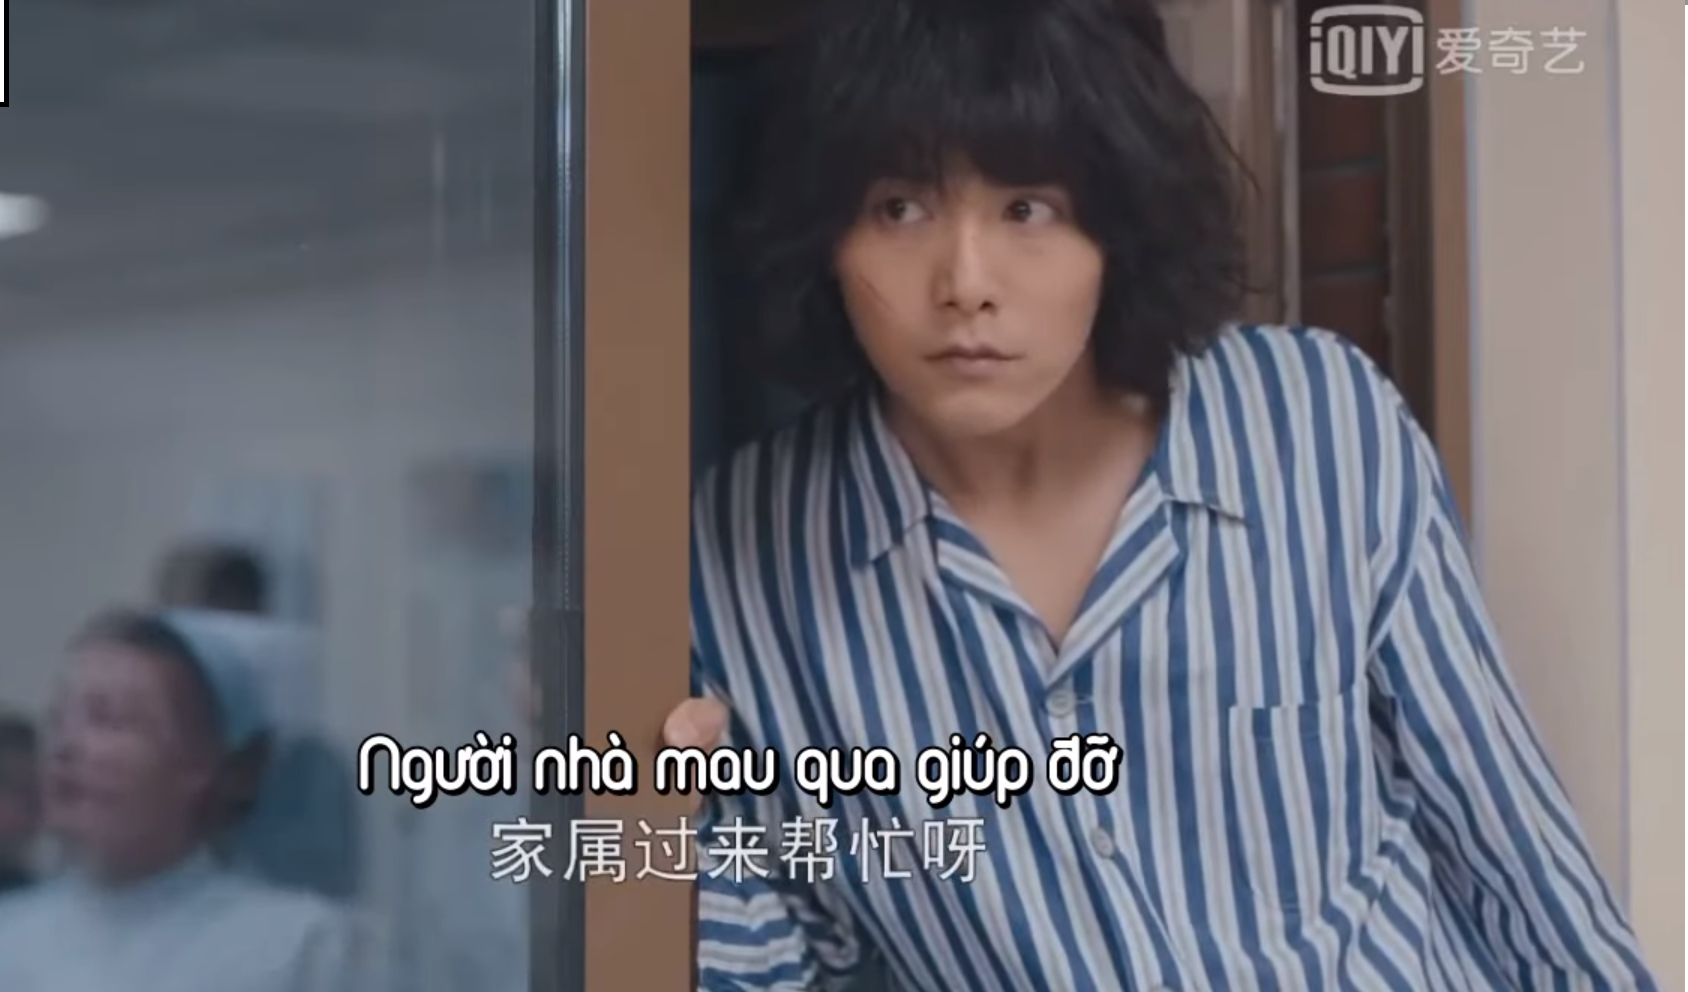 'Chàng trai Mặc Cách Ly của tôi' tung trailer hài hước, Dương Tử - Mã Thiên Vũ đẹp đôi 1